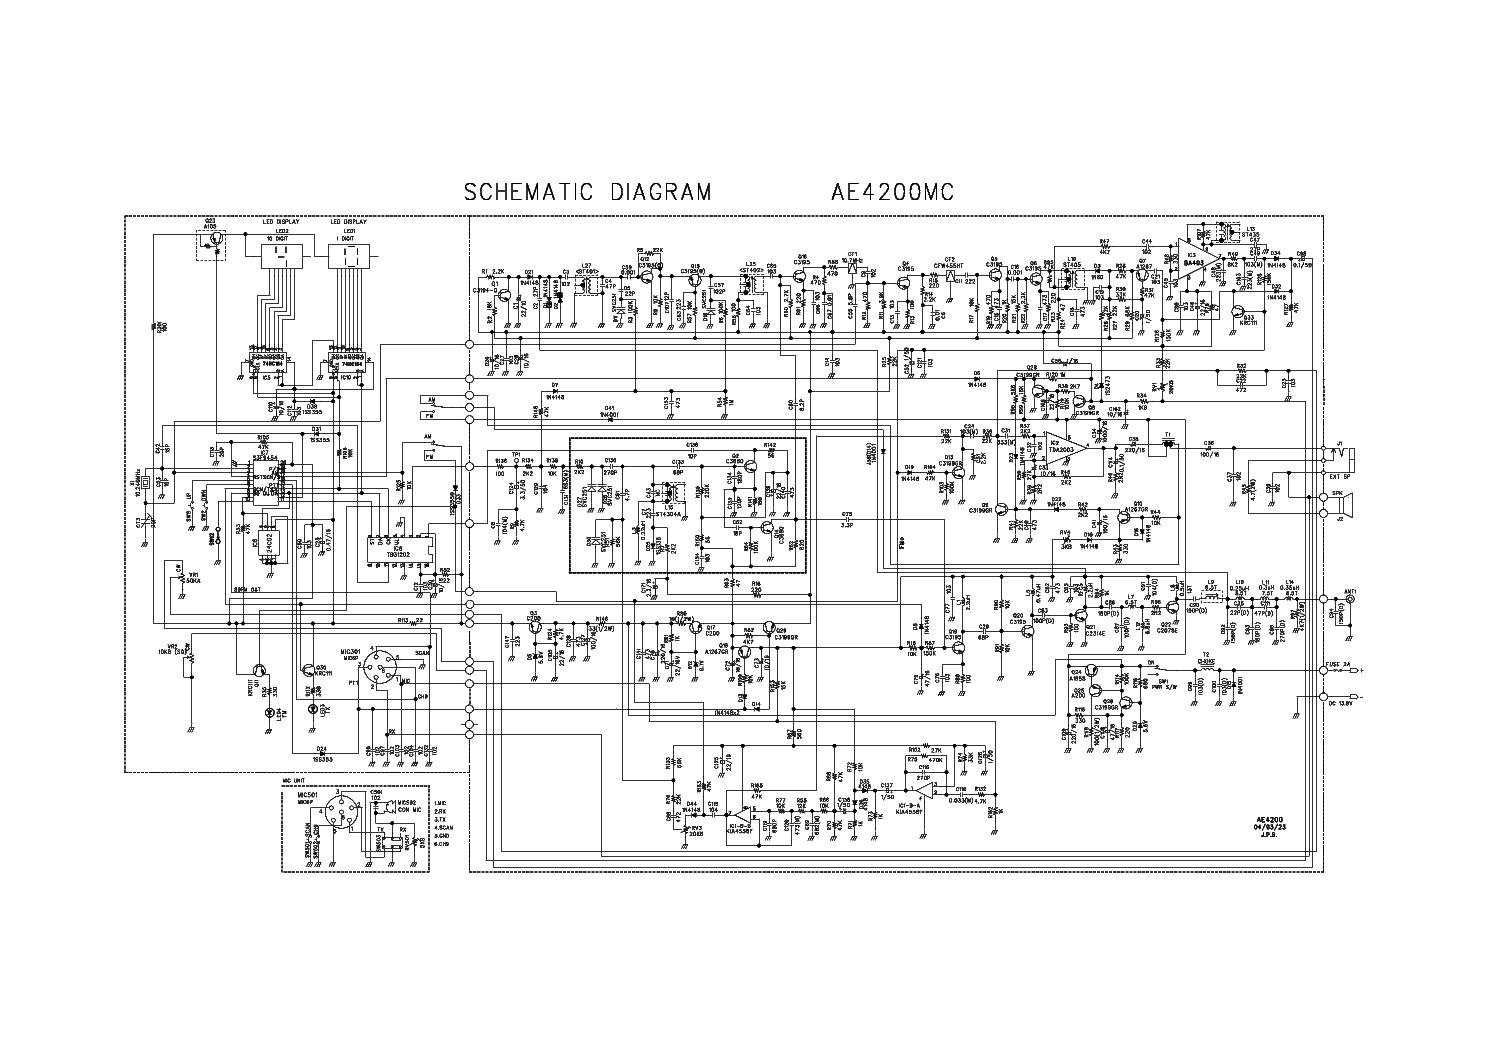 мощности схема радиостанции альбрех 4200 мс ещё осмотра